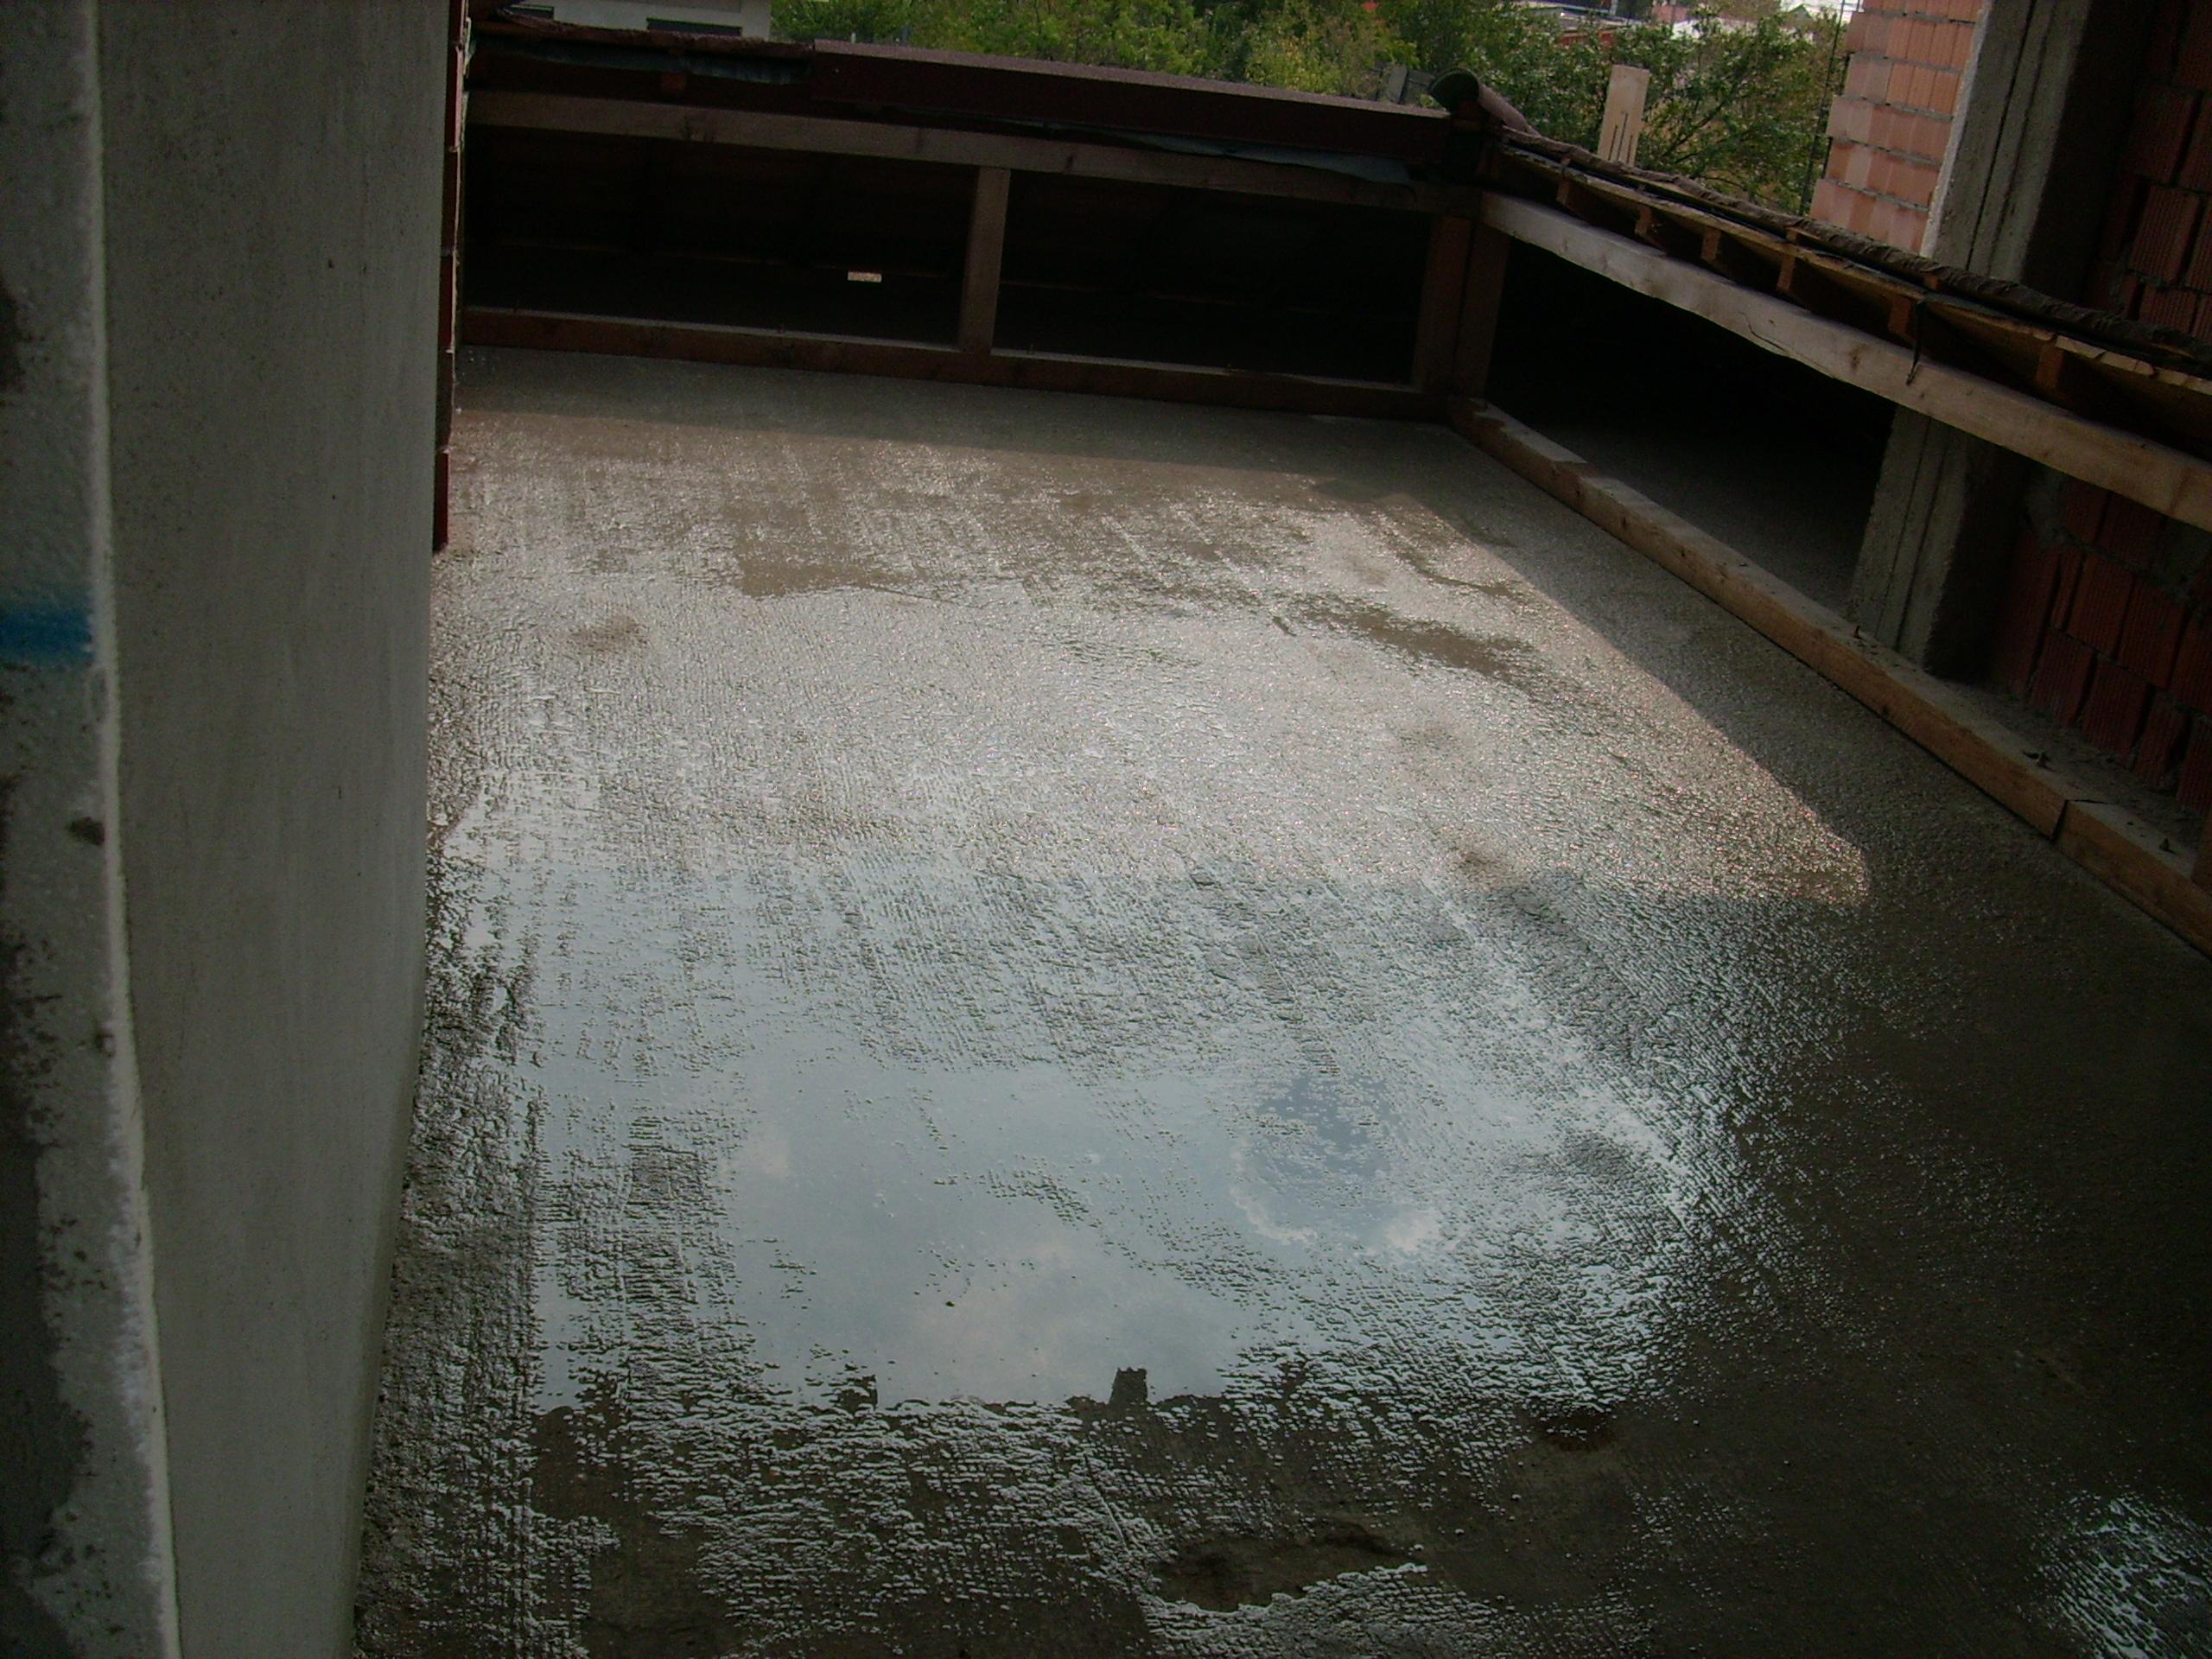 Aplicarea tratamentelor de impermeabilizare - Persoana privata - terasa UNICO PROFIT - Poza 26